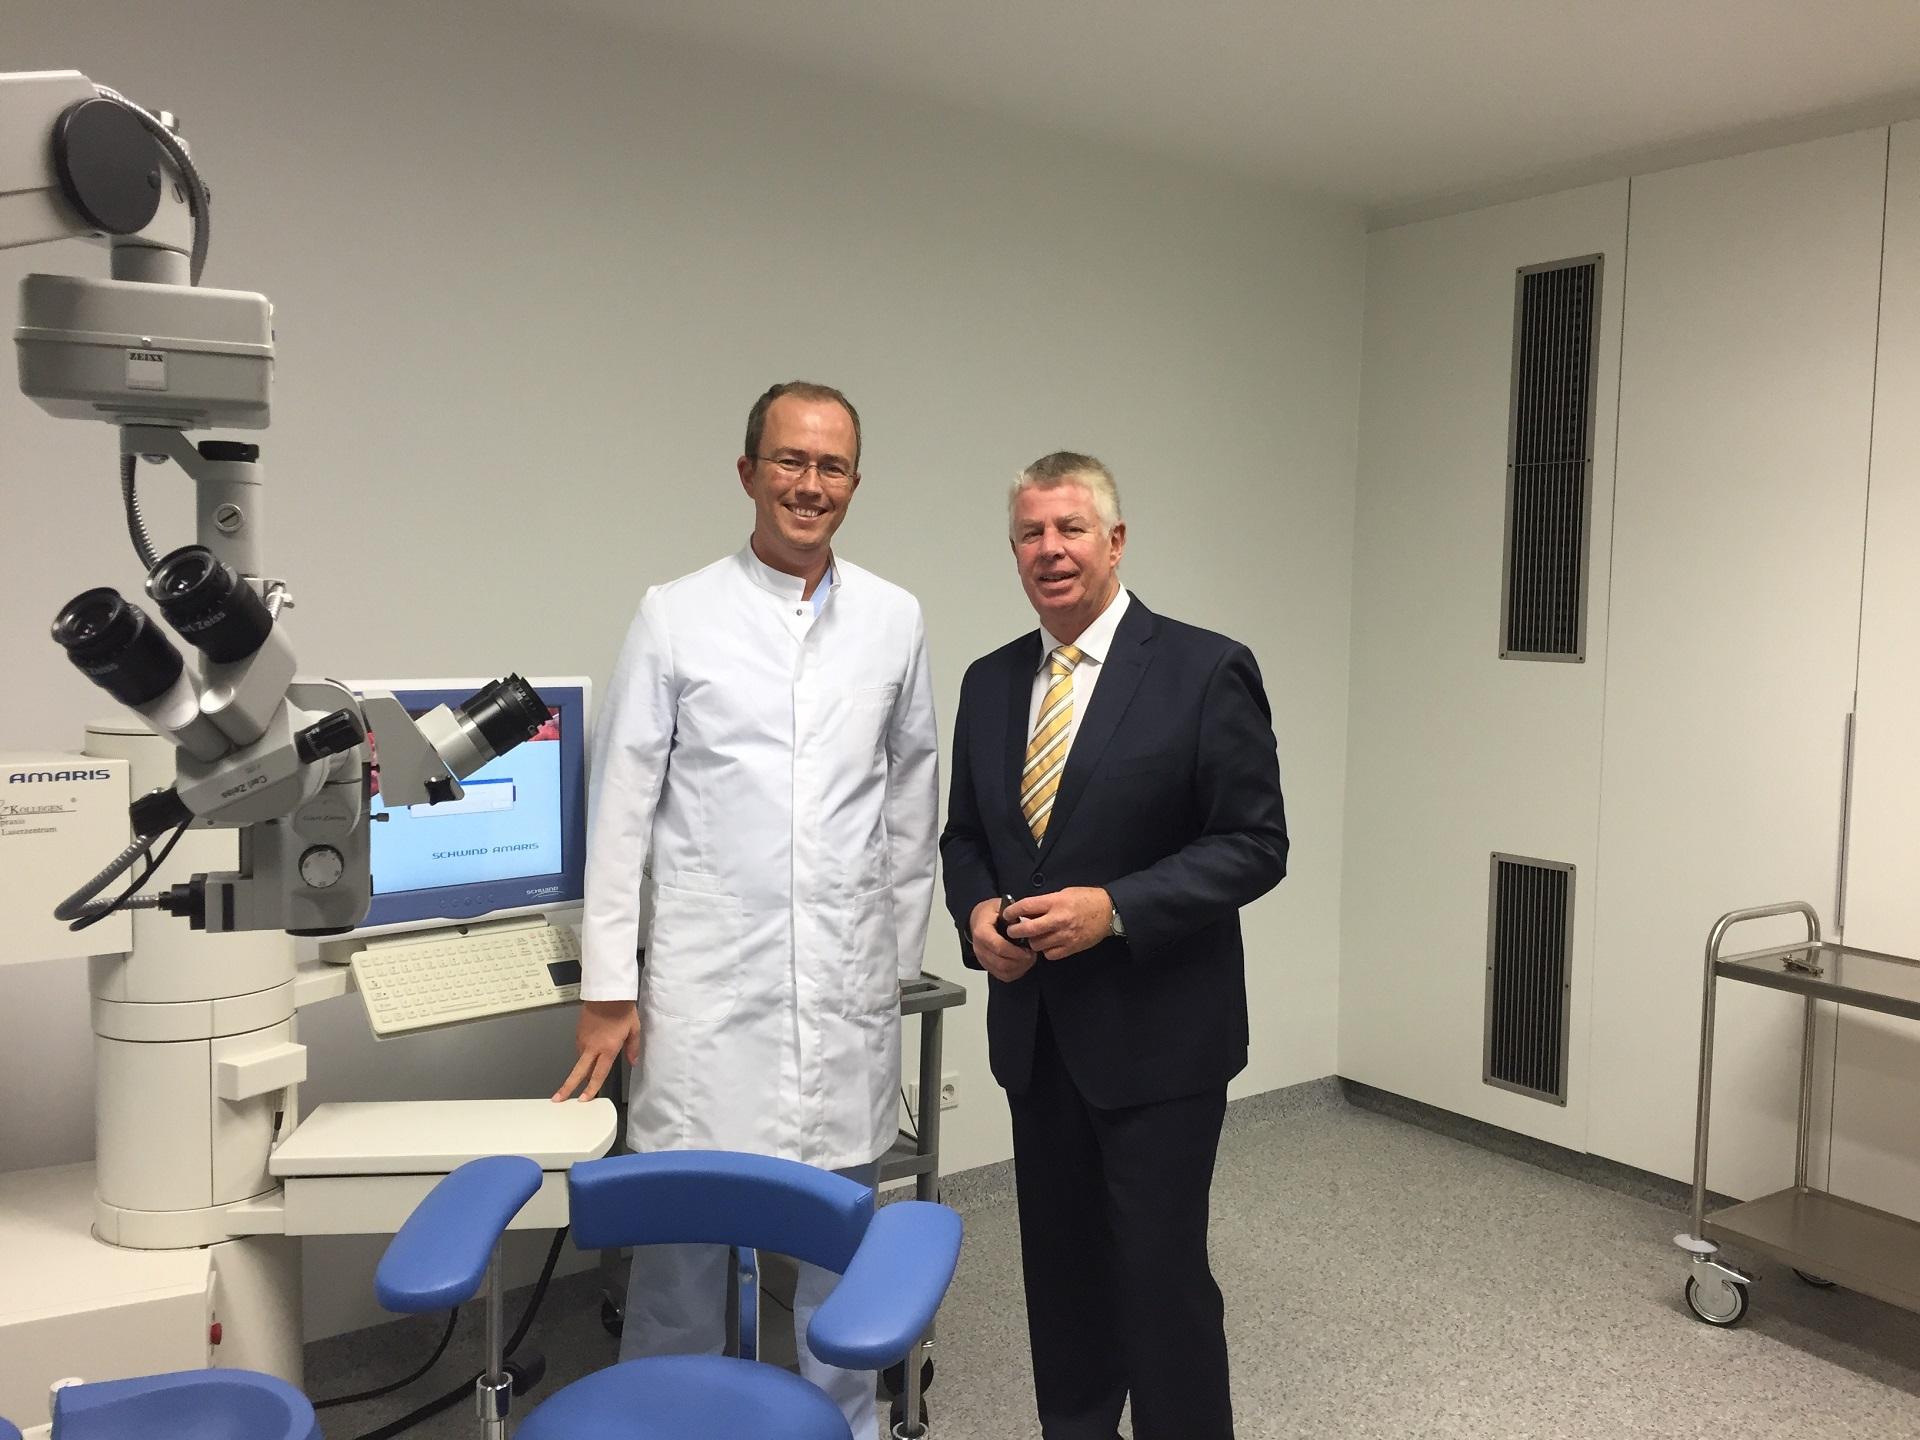 Dr. Werner und Michael Kissel